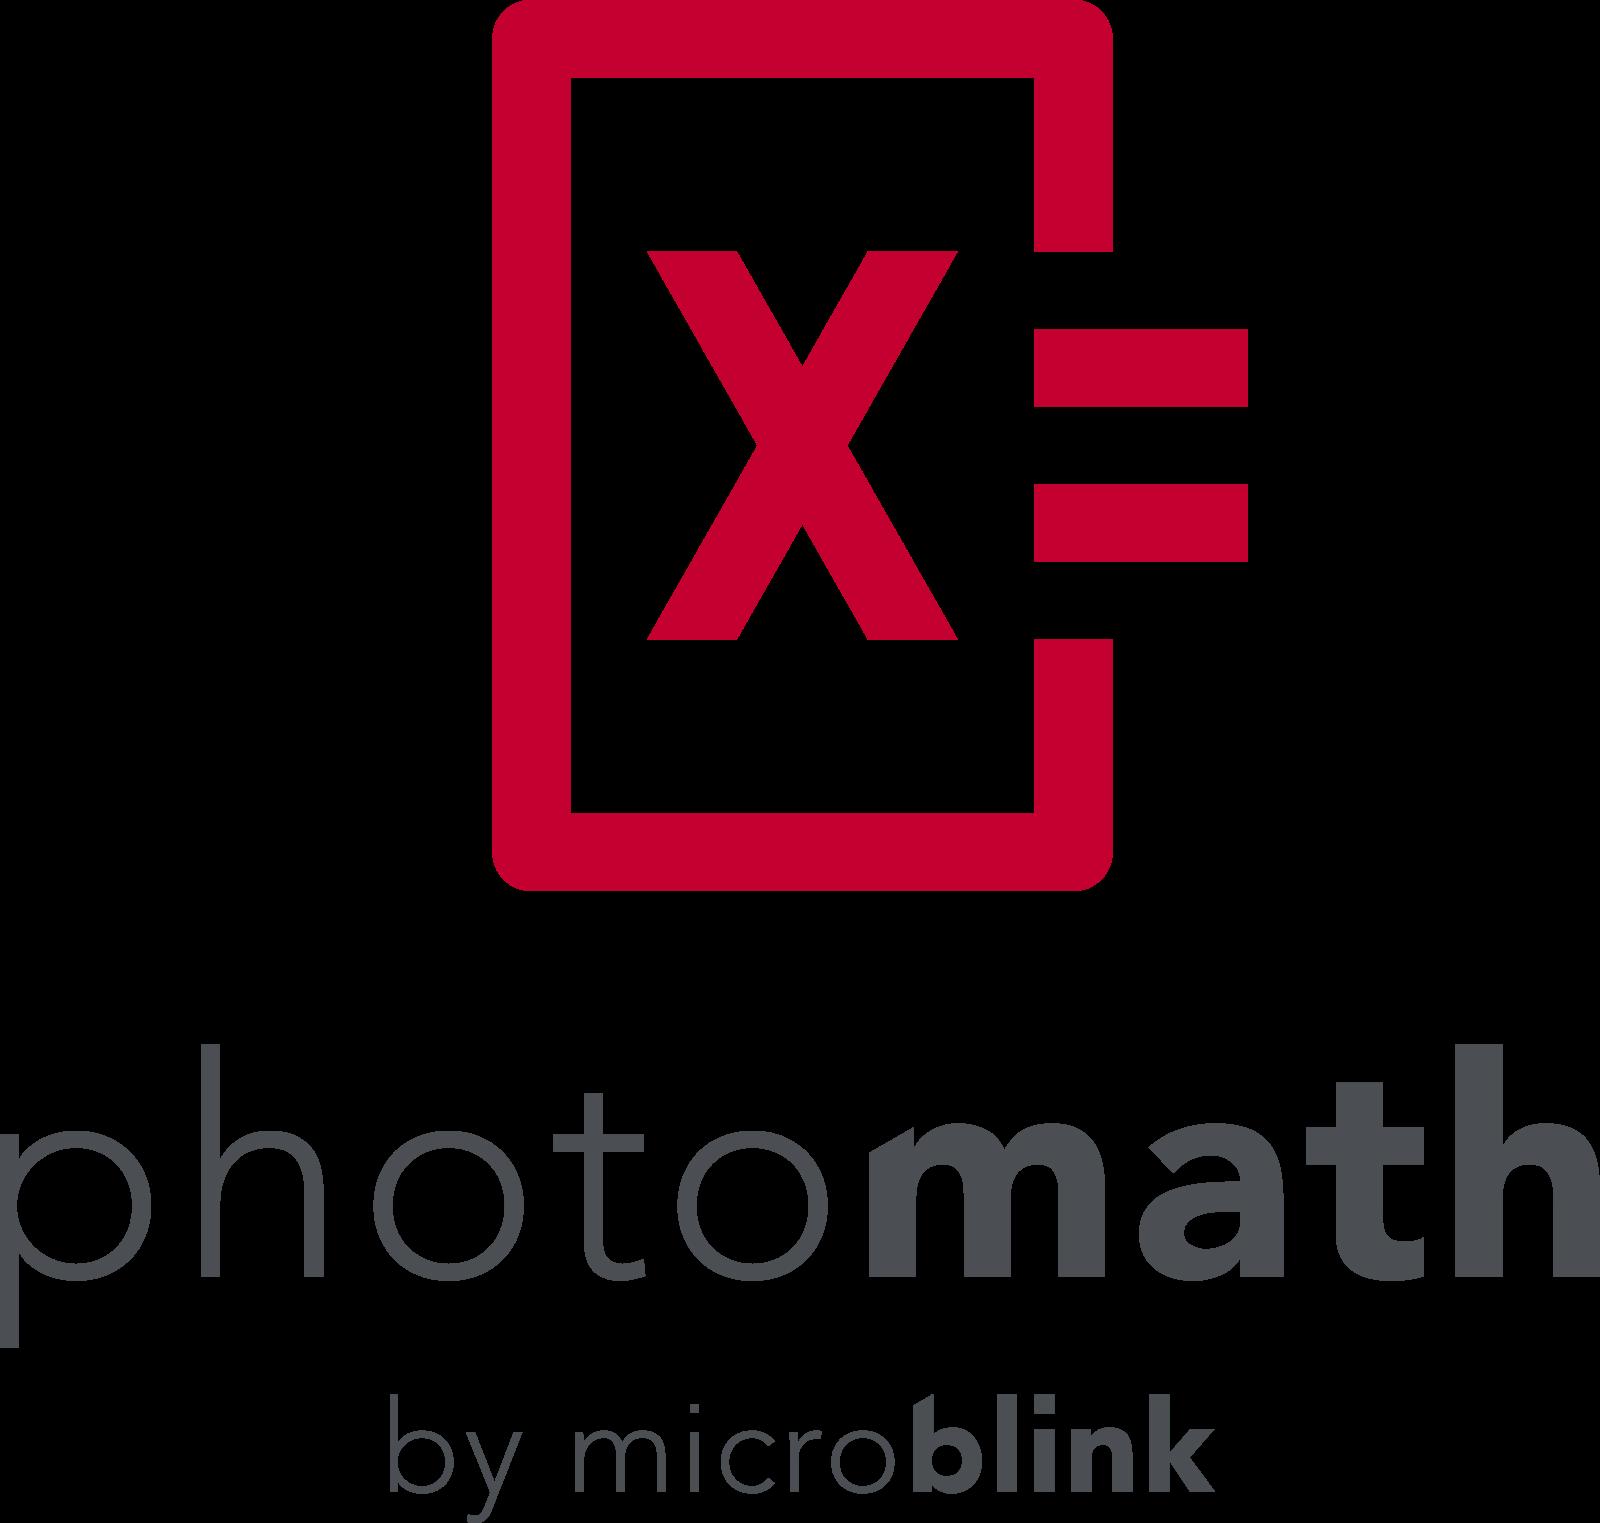 Aplikasi untuk menghitung matematika dengan PhotoMath